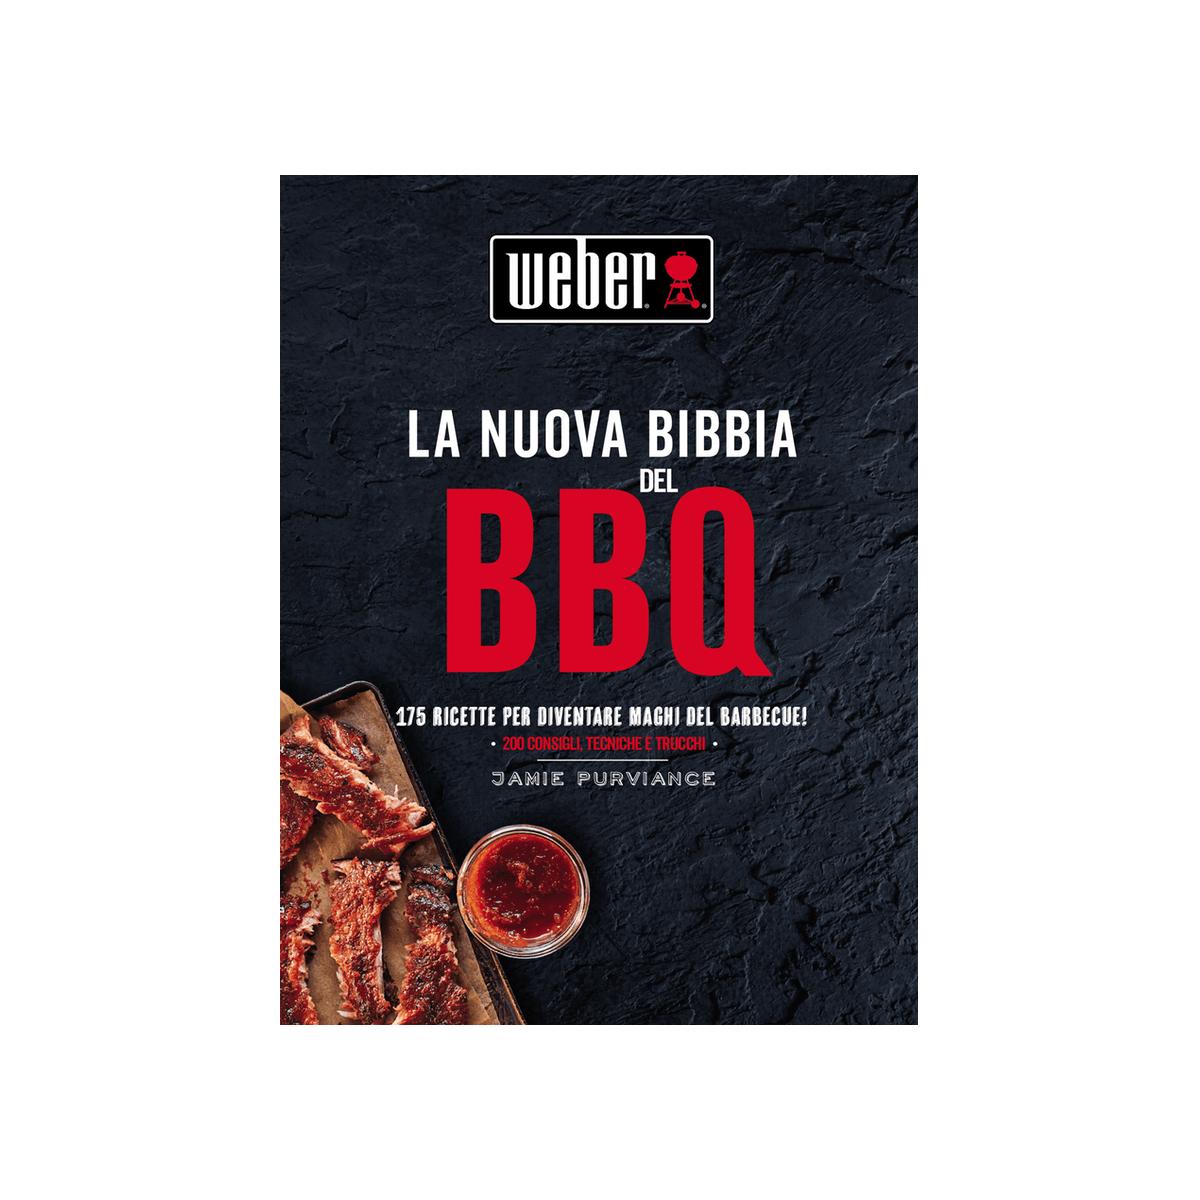 WEBER 'La Nuova Bibbia del Barbecue'